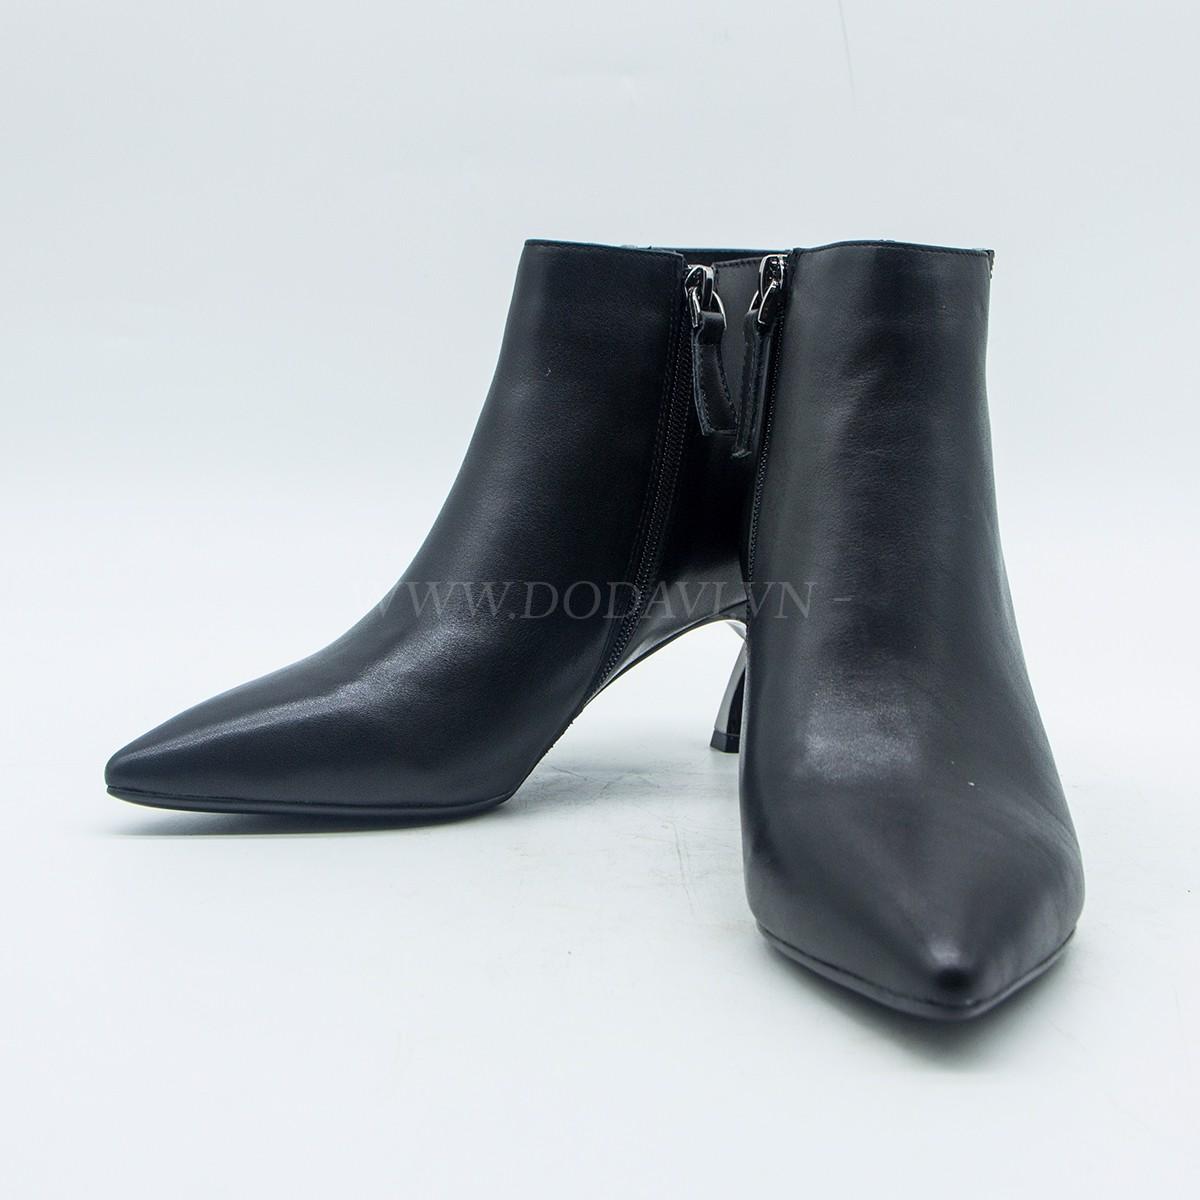 Boot da nữ cổ thấp 501A-92.38